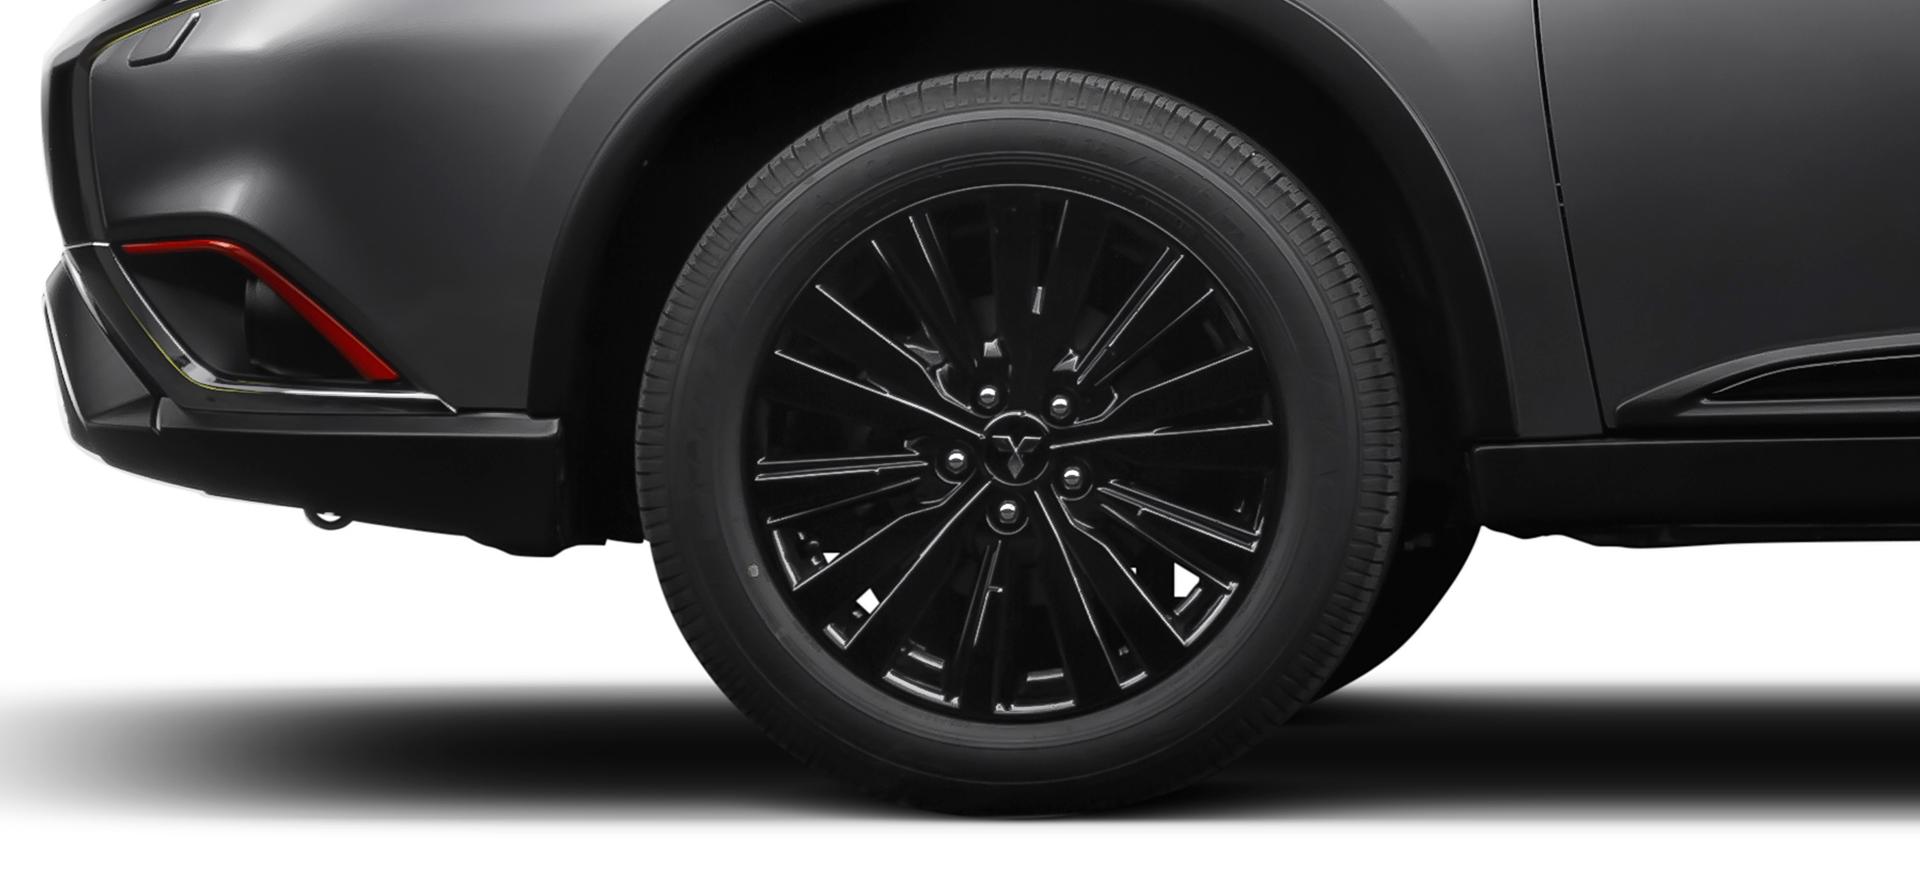 Novo Outlander Sport Black Edition para Comprar na Concessionaria Autorizada Marcovel Mitsubishi em Rendenção e Parauapeba no Pará, PA